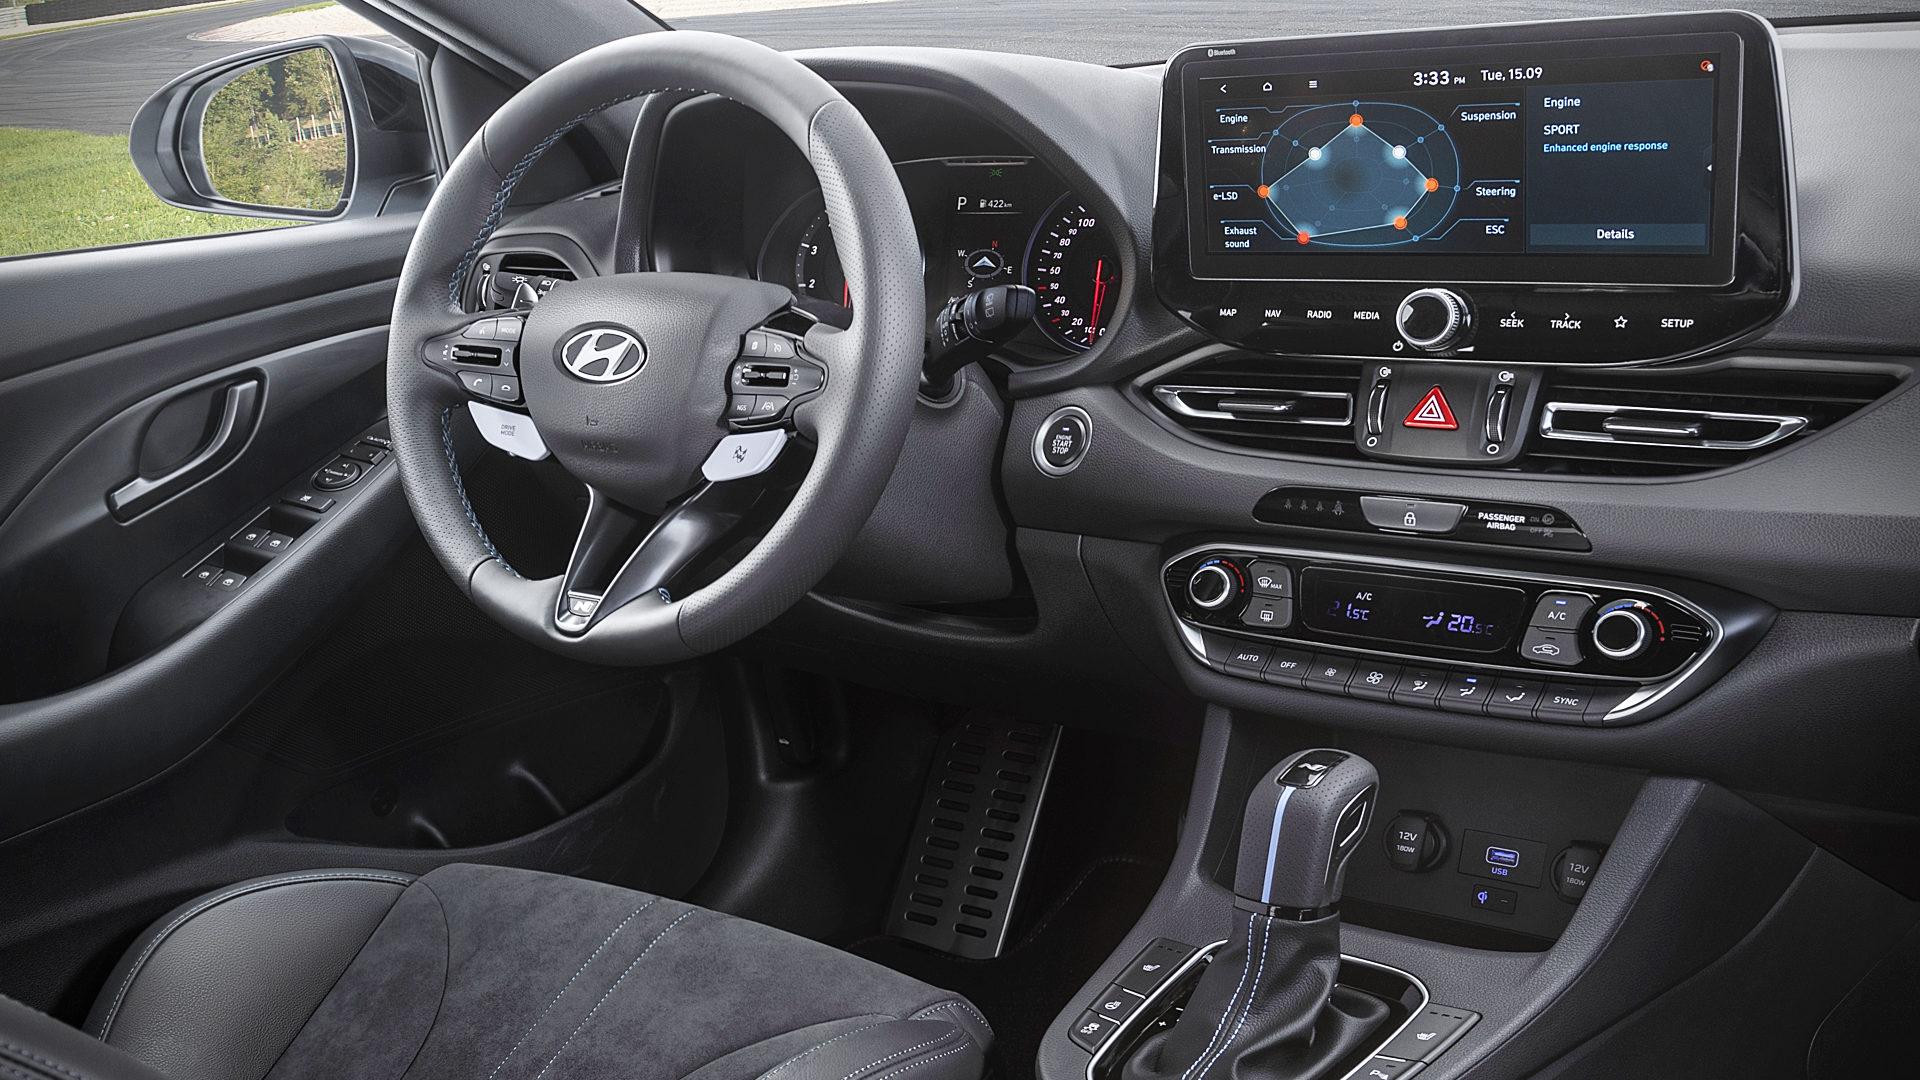 2021 Hyundai i30 N Interior